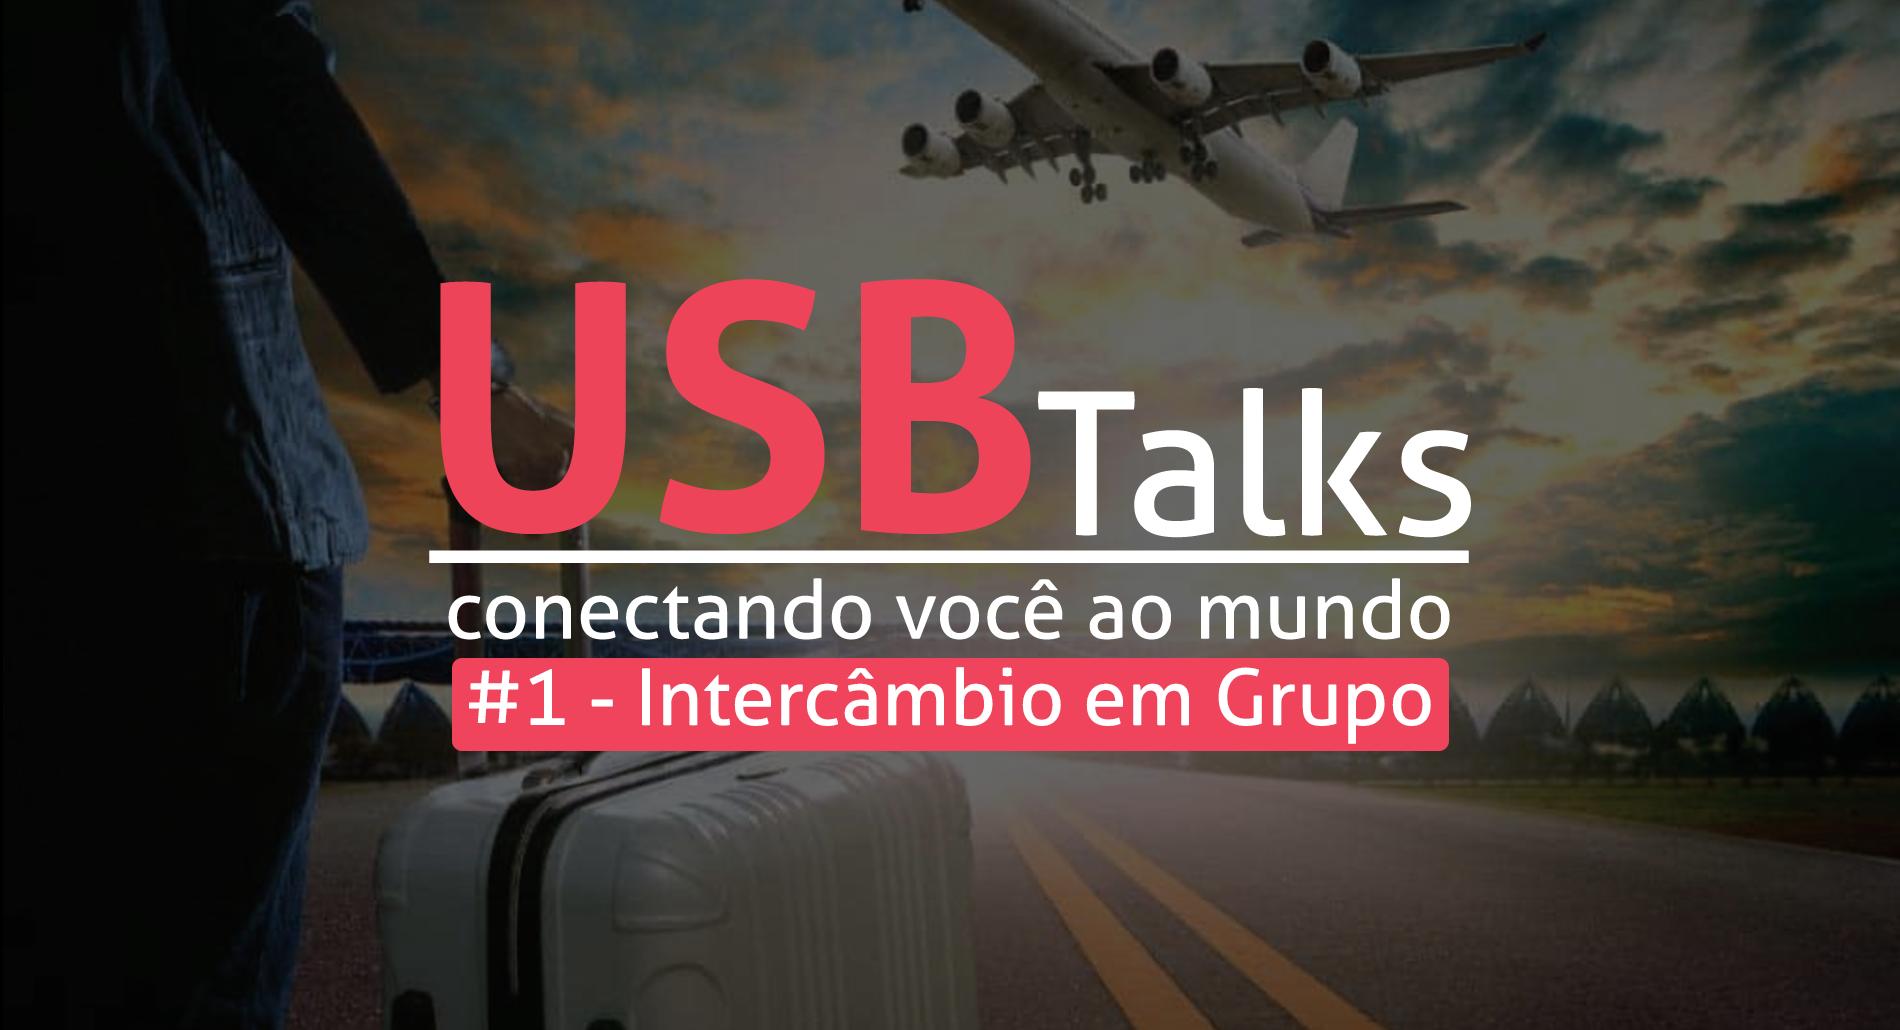 USB Talks #1 - INTERCÂMBIO EM GRUPO